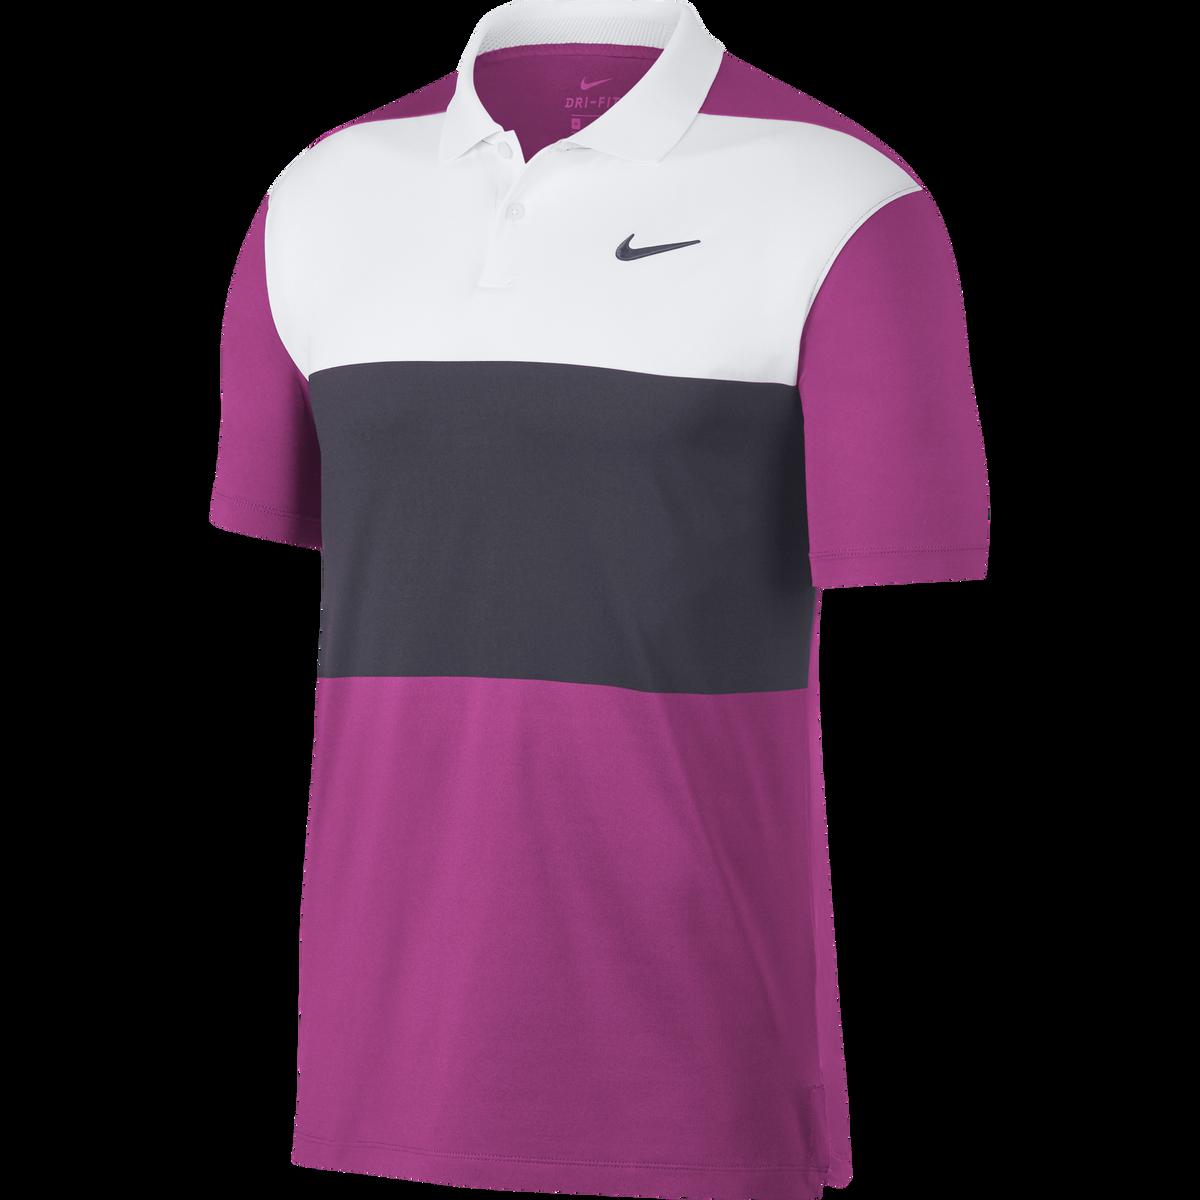 80f0d4561 Nike Dri-Fit Vapor Block Stripe Polo | PGA TOUR Superstore